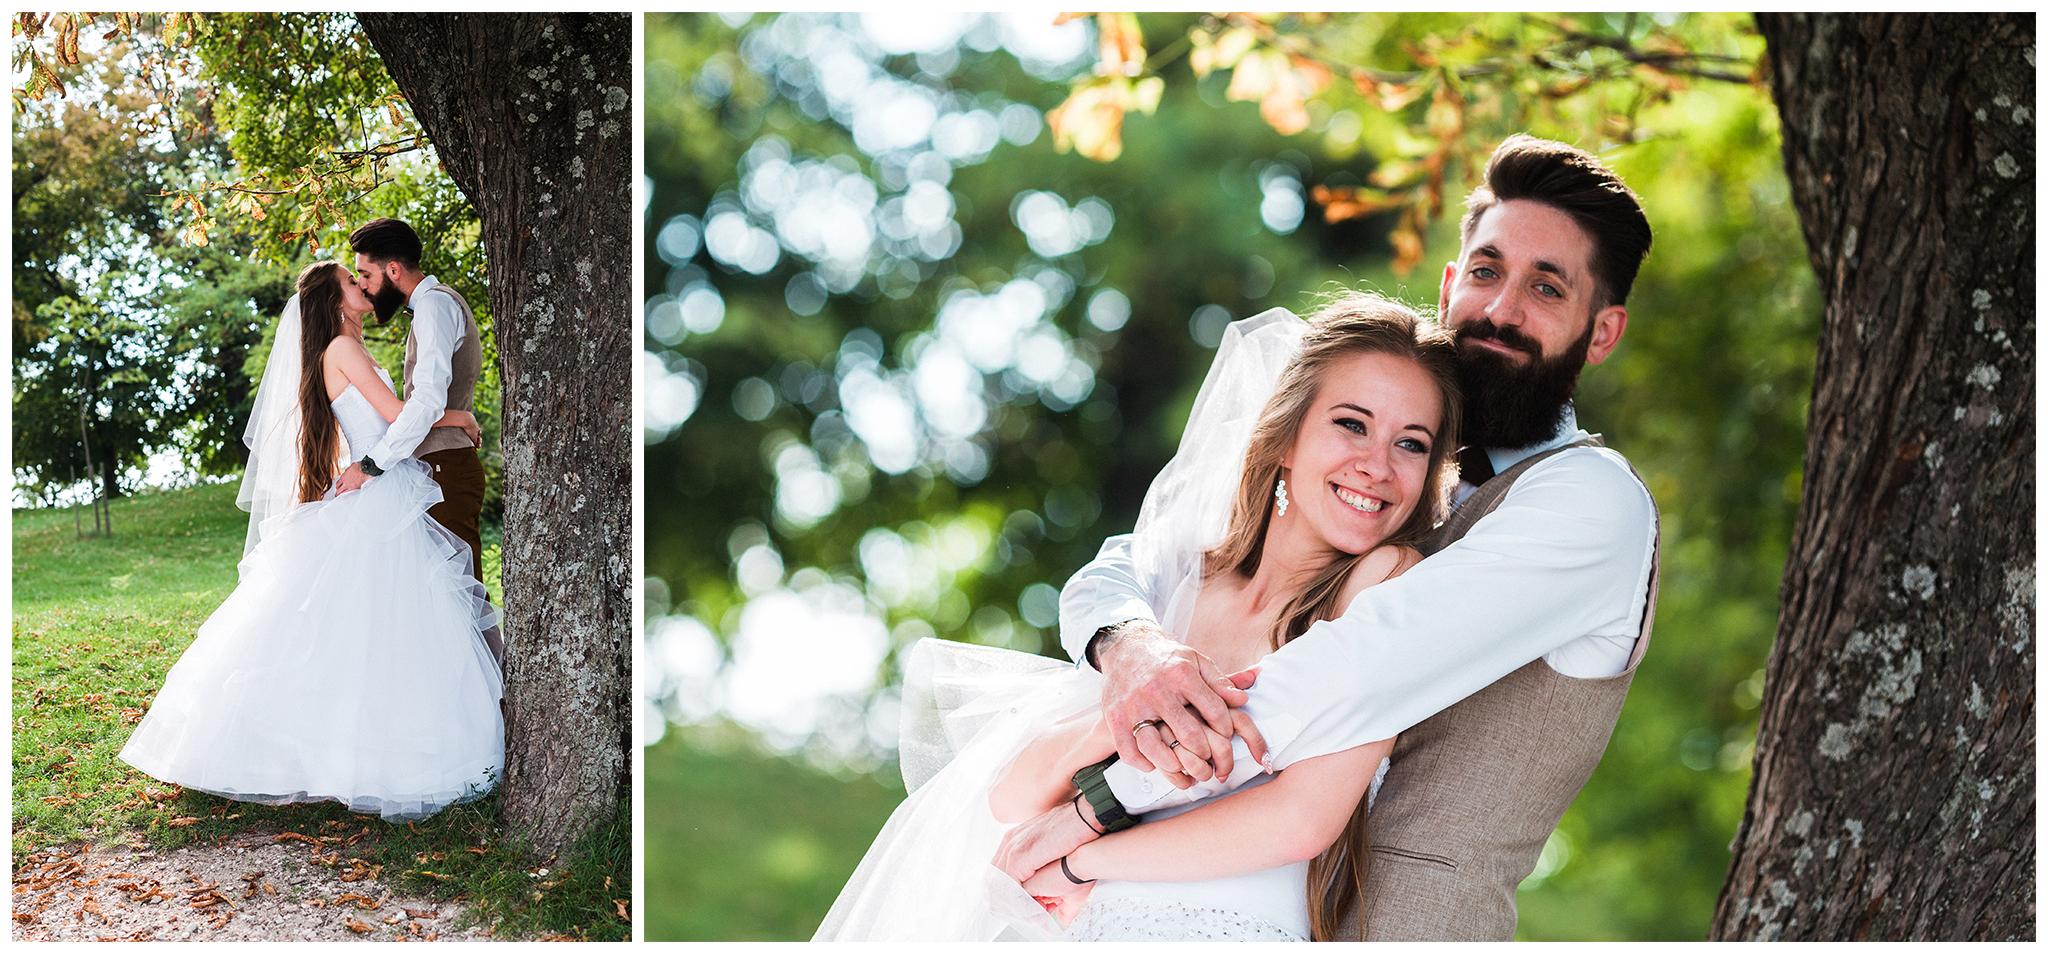 MONT_FylepPhoto, Esküvőfotós Vasmegye, Esküvő fotózás, Esküvői fotós, Körmend, Vas megye, Dunántúl, Budapest, Fülöp Péter, Jegyes fotózás, jegyes, kreatív, kreatívfotózás,Wien,Ausztira,Österreich,hochzeitsfotograf_DZS&P_01.jpg